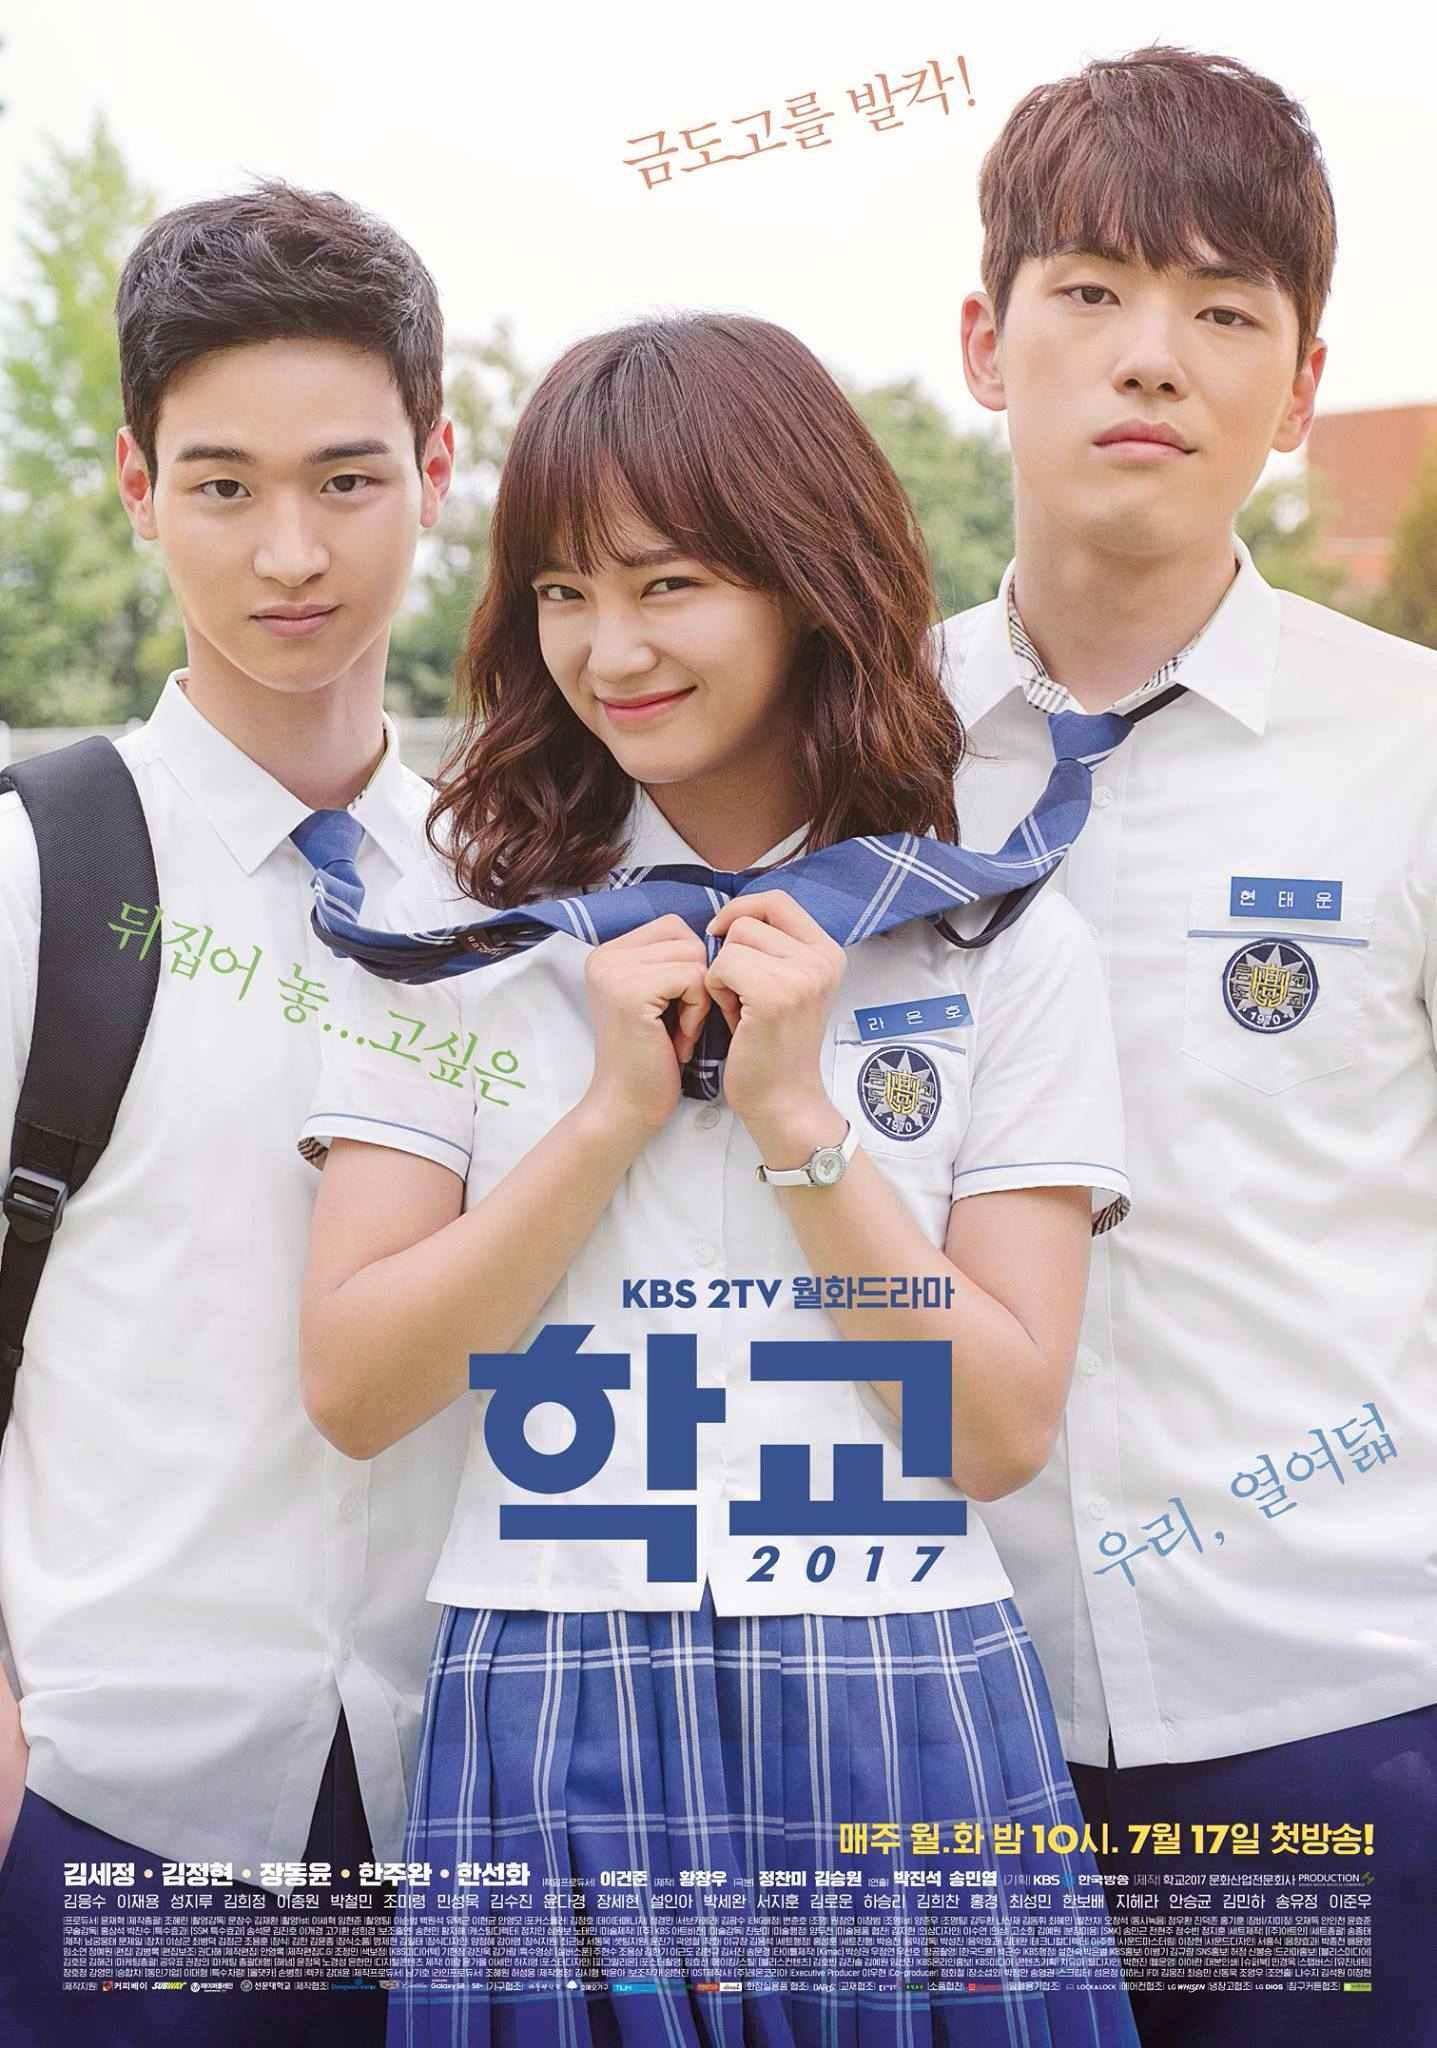 ✿TOP 5 - KBS《學校2017》 話題佔有率:6.69%  ➔上升1個名次 ※由金世正、金正鉉、張東尹等人主演,此劇講述擁有很多秘密和想法的18歲高中生們燦爛成長的故事。此劇也是KBS《學校》系列第7部作品。